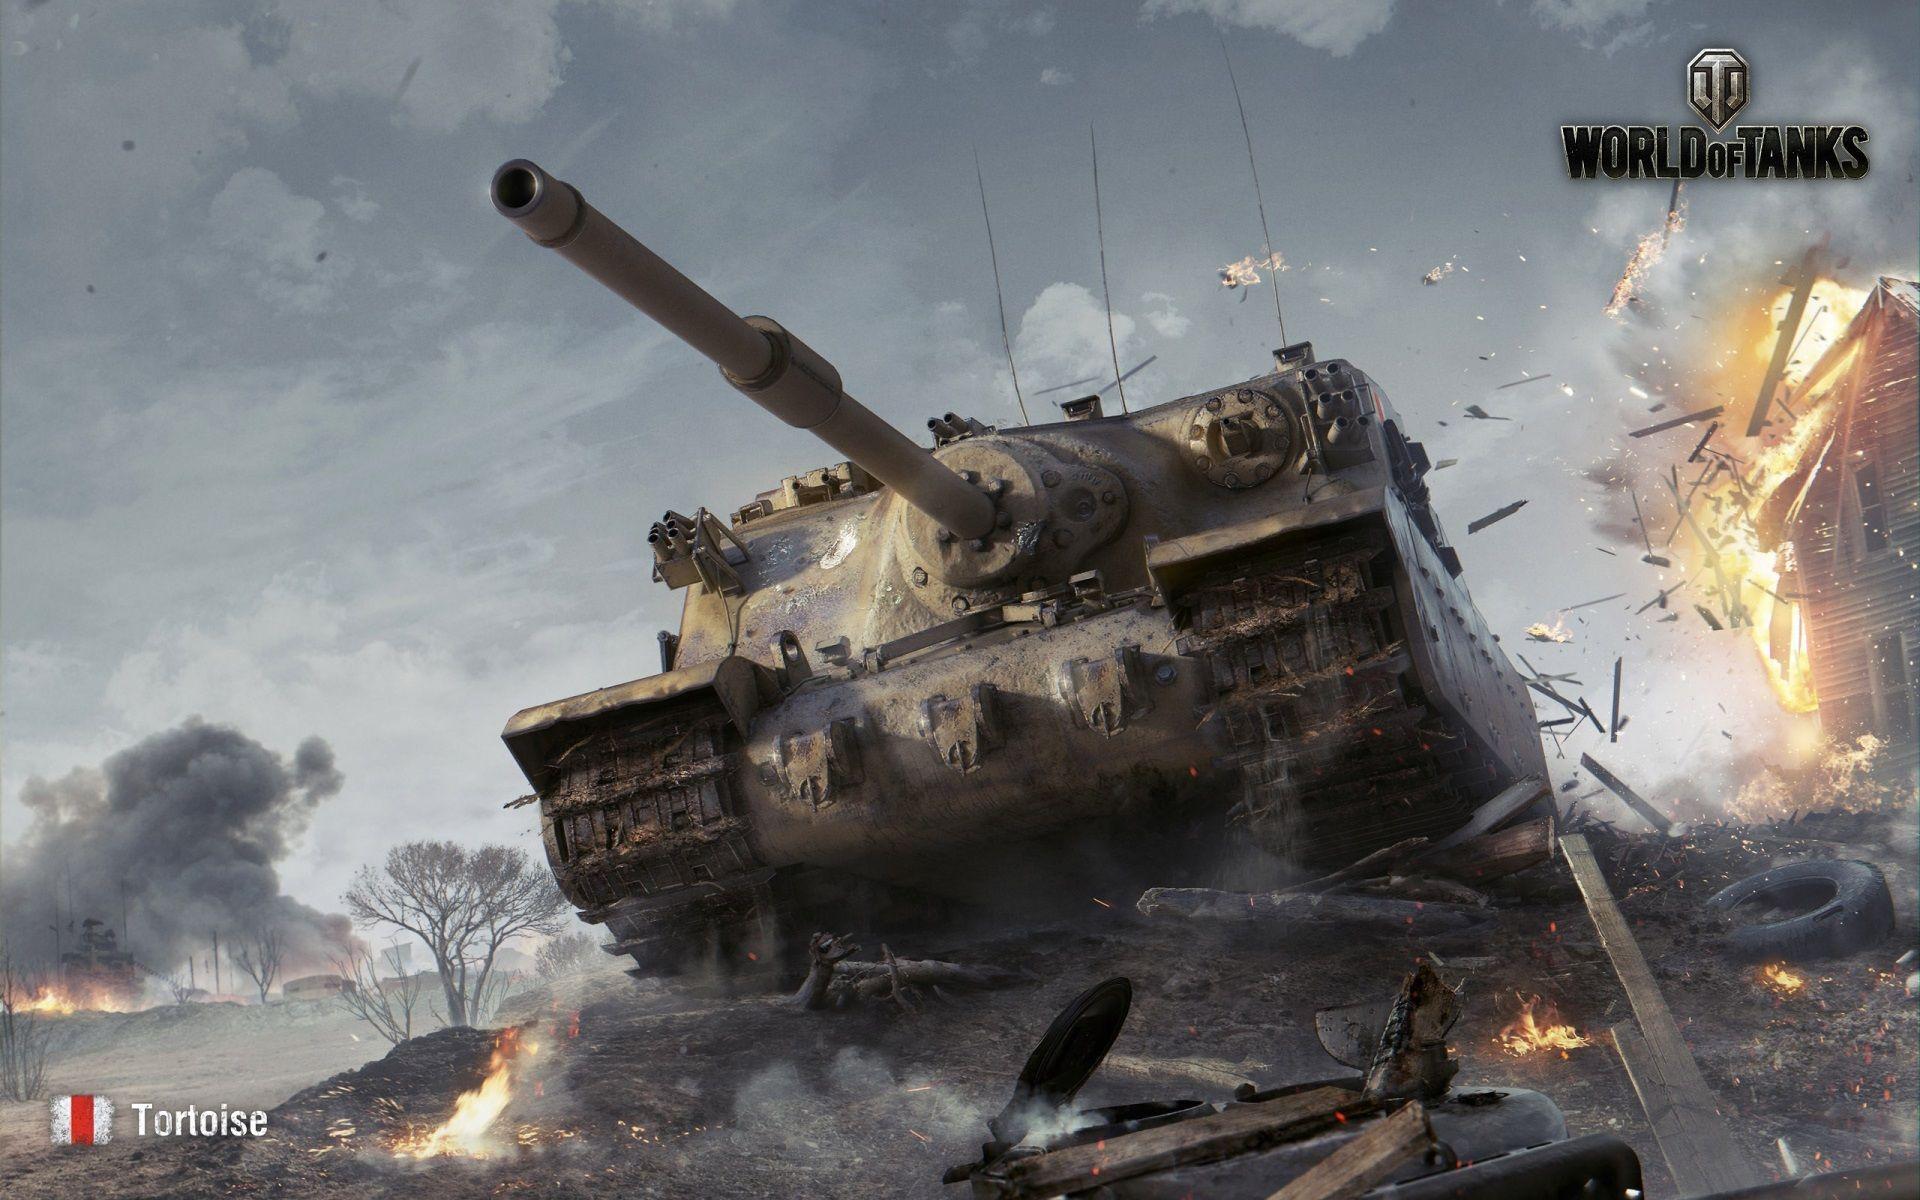 War Tanks Wallpapers